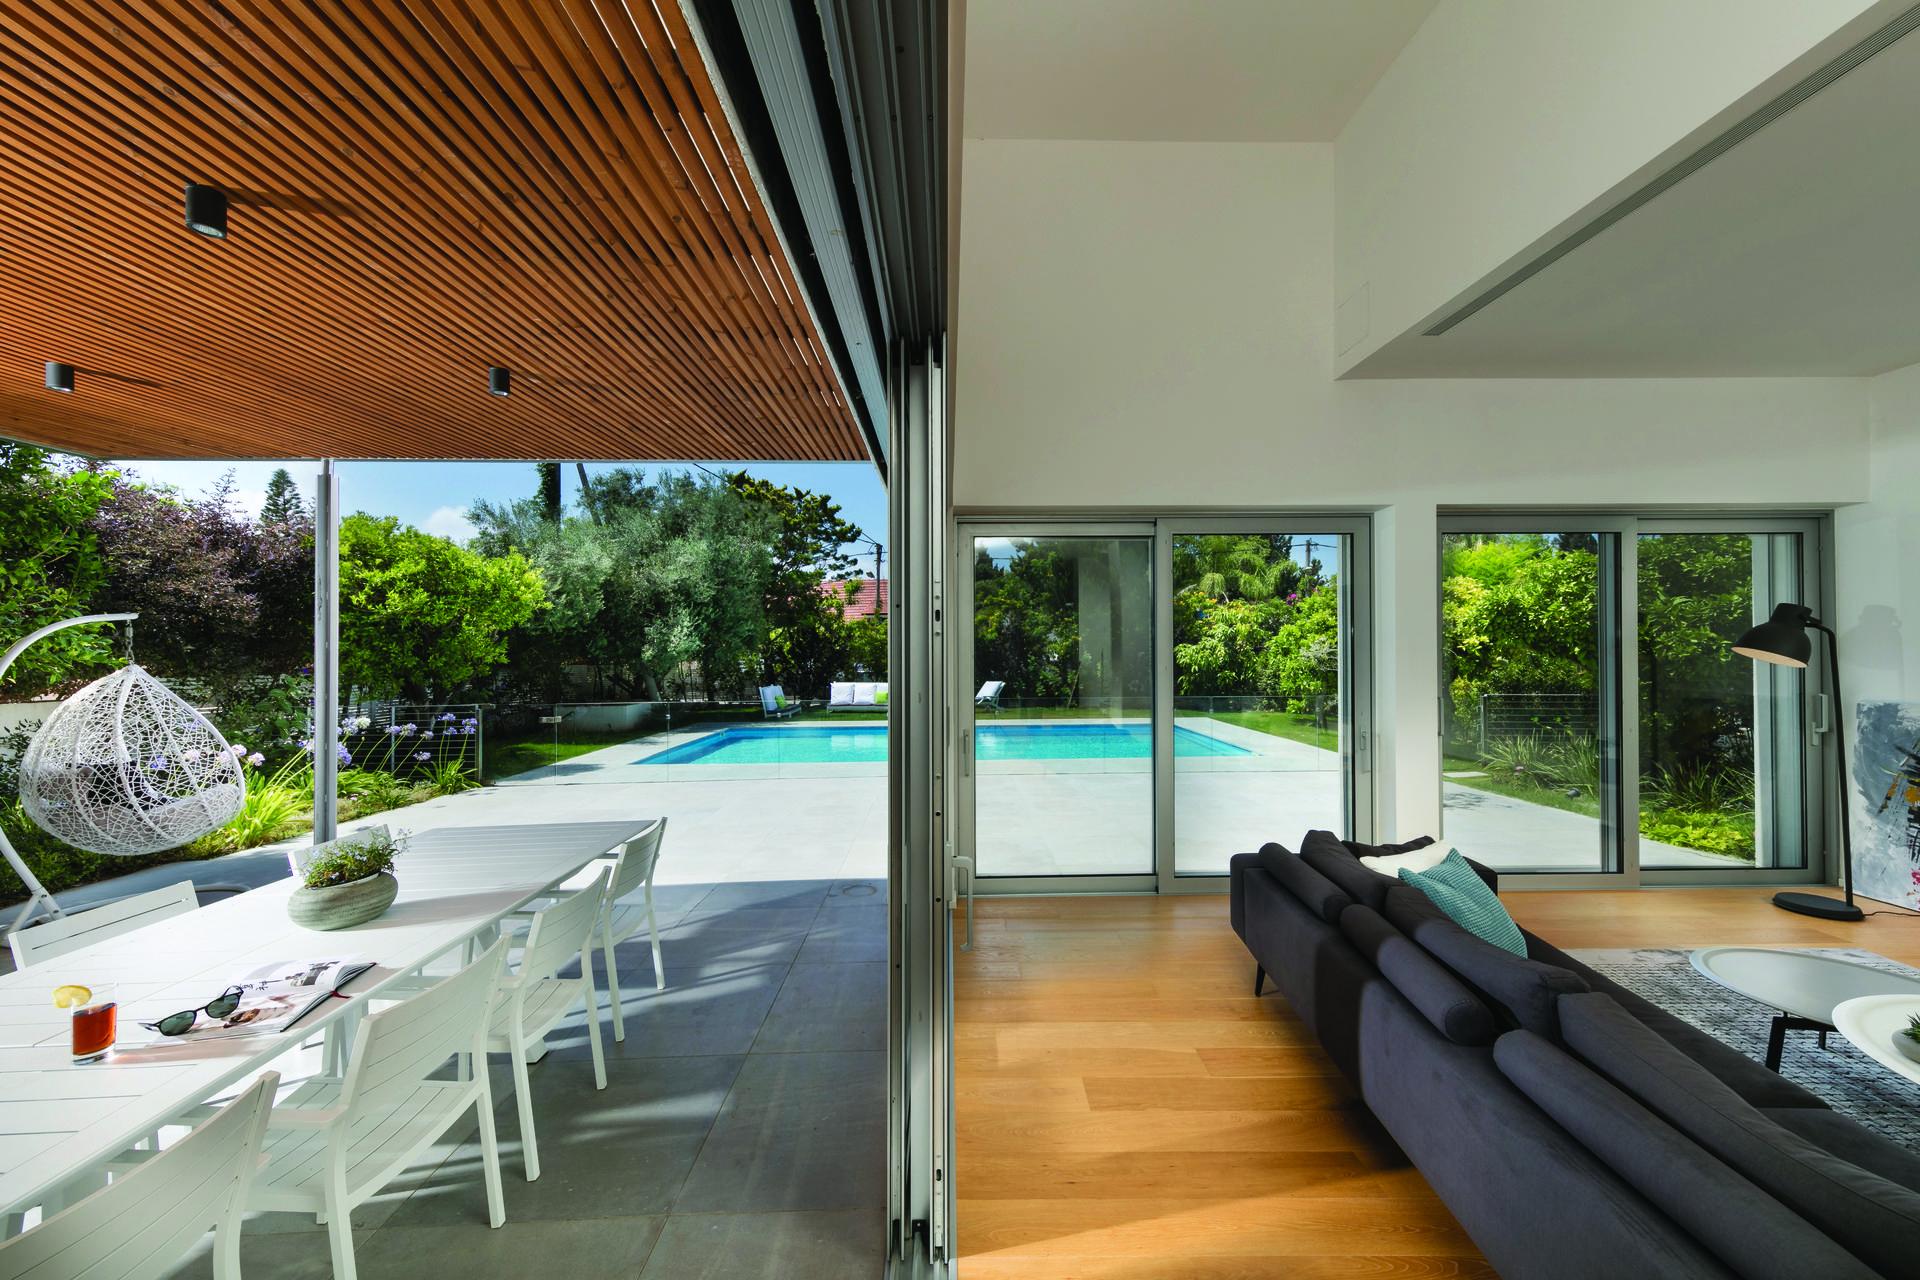 בית פרטי בשרון, המשלב בין פנים לחוץ, צילום: אלעד גונן